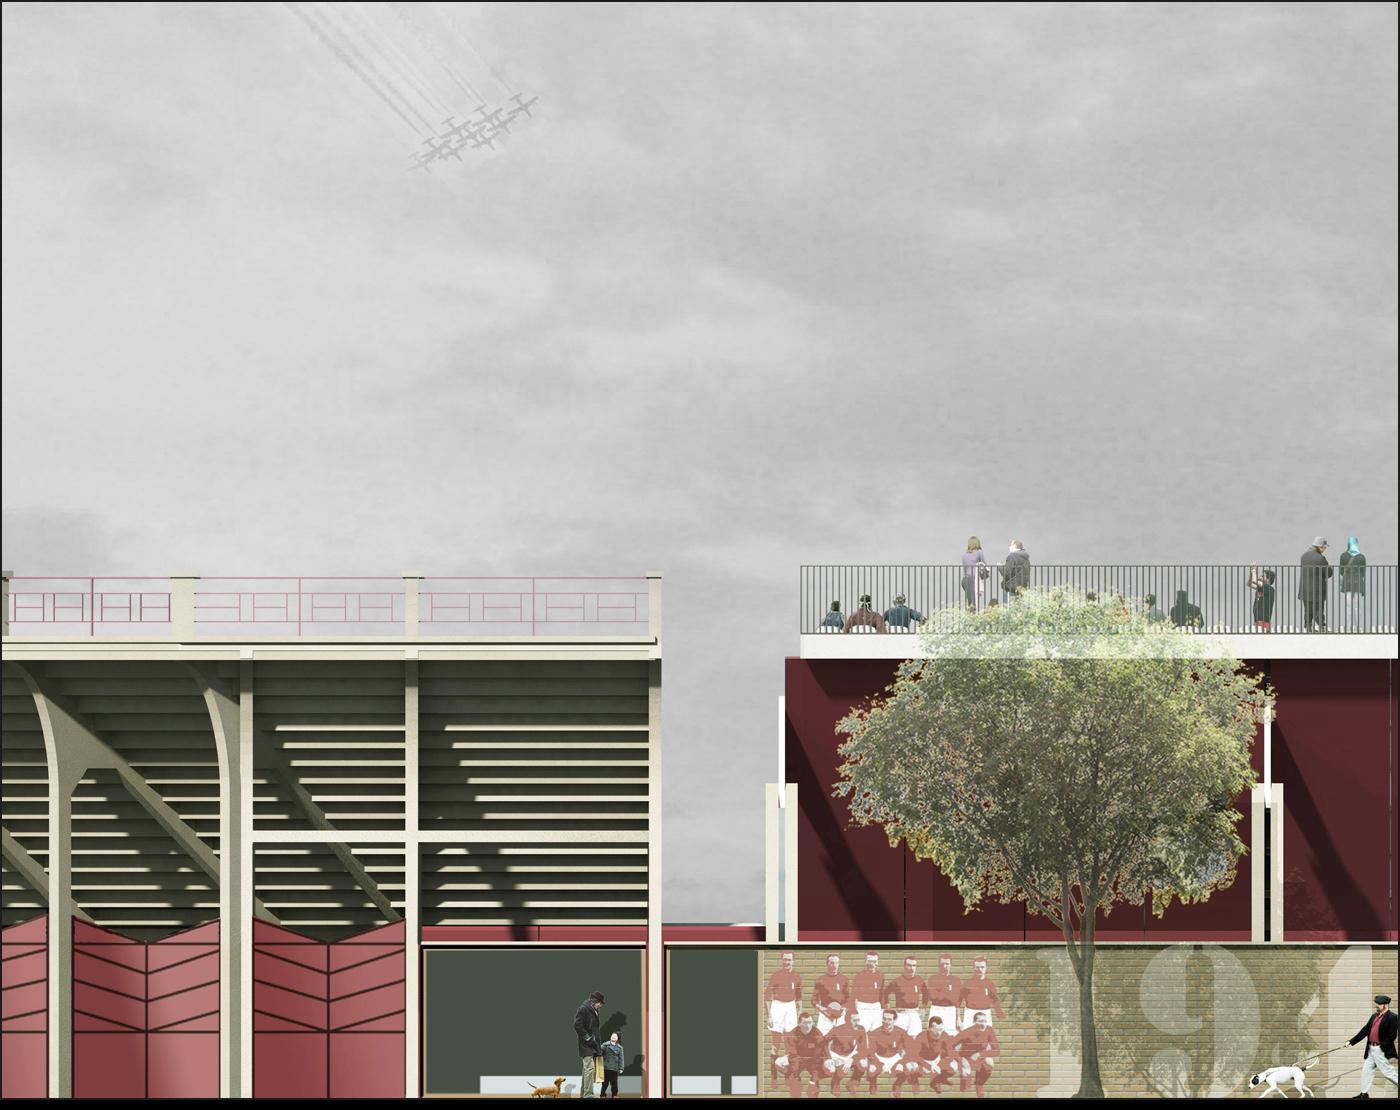 Nuovo Stadio Filadelfia a Torino. Progetto vincitore del concorso di idee. La tribuna storica e i nuovi spalti | Bottega di Architettura